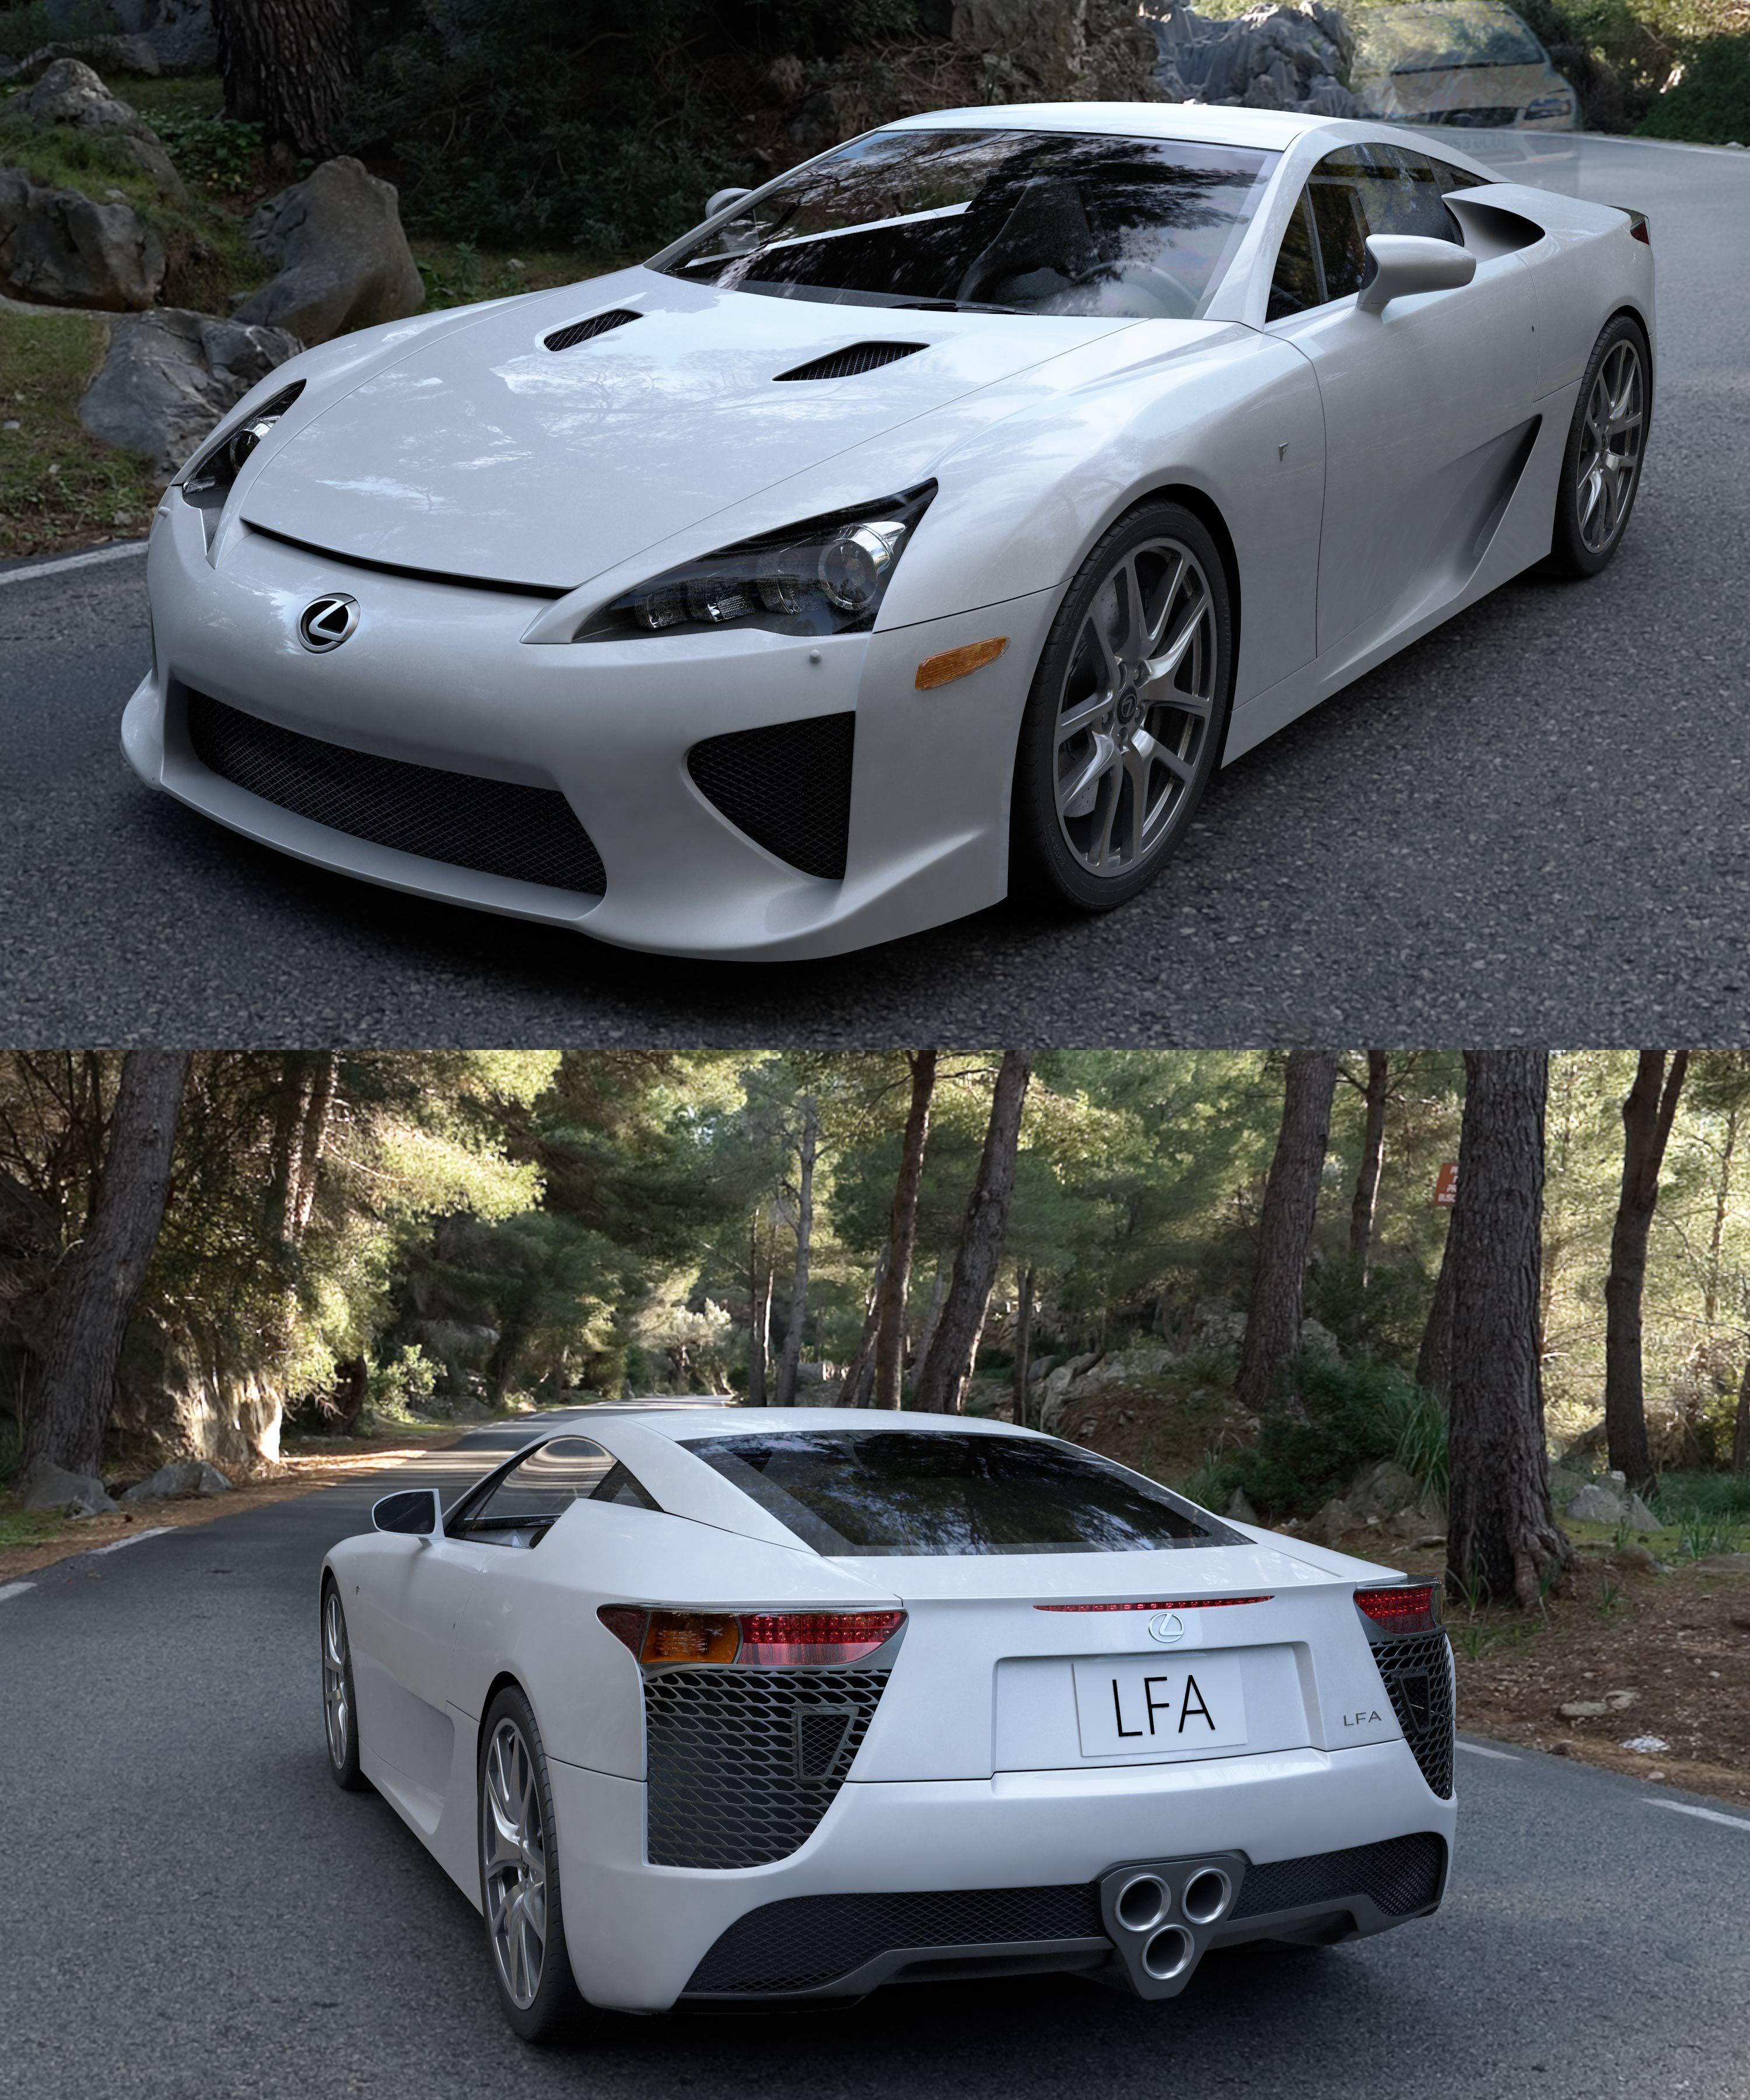 Lexus LFA By ~MixJoe On DeviantART